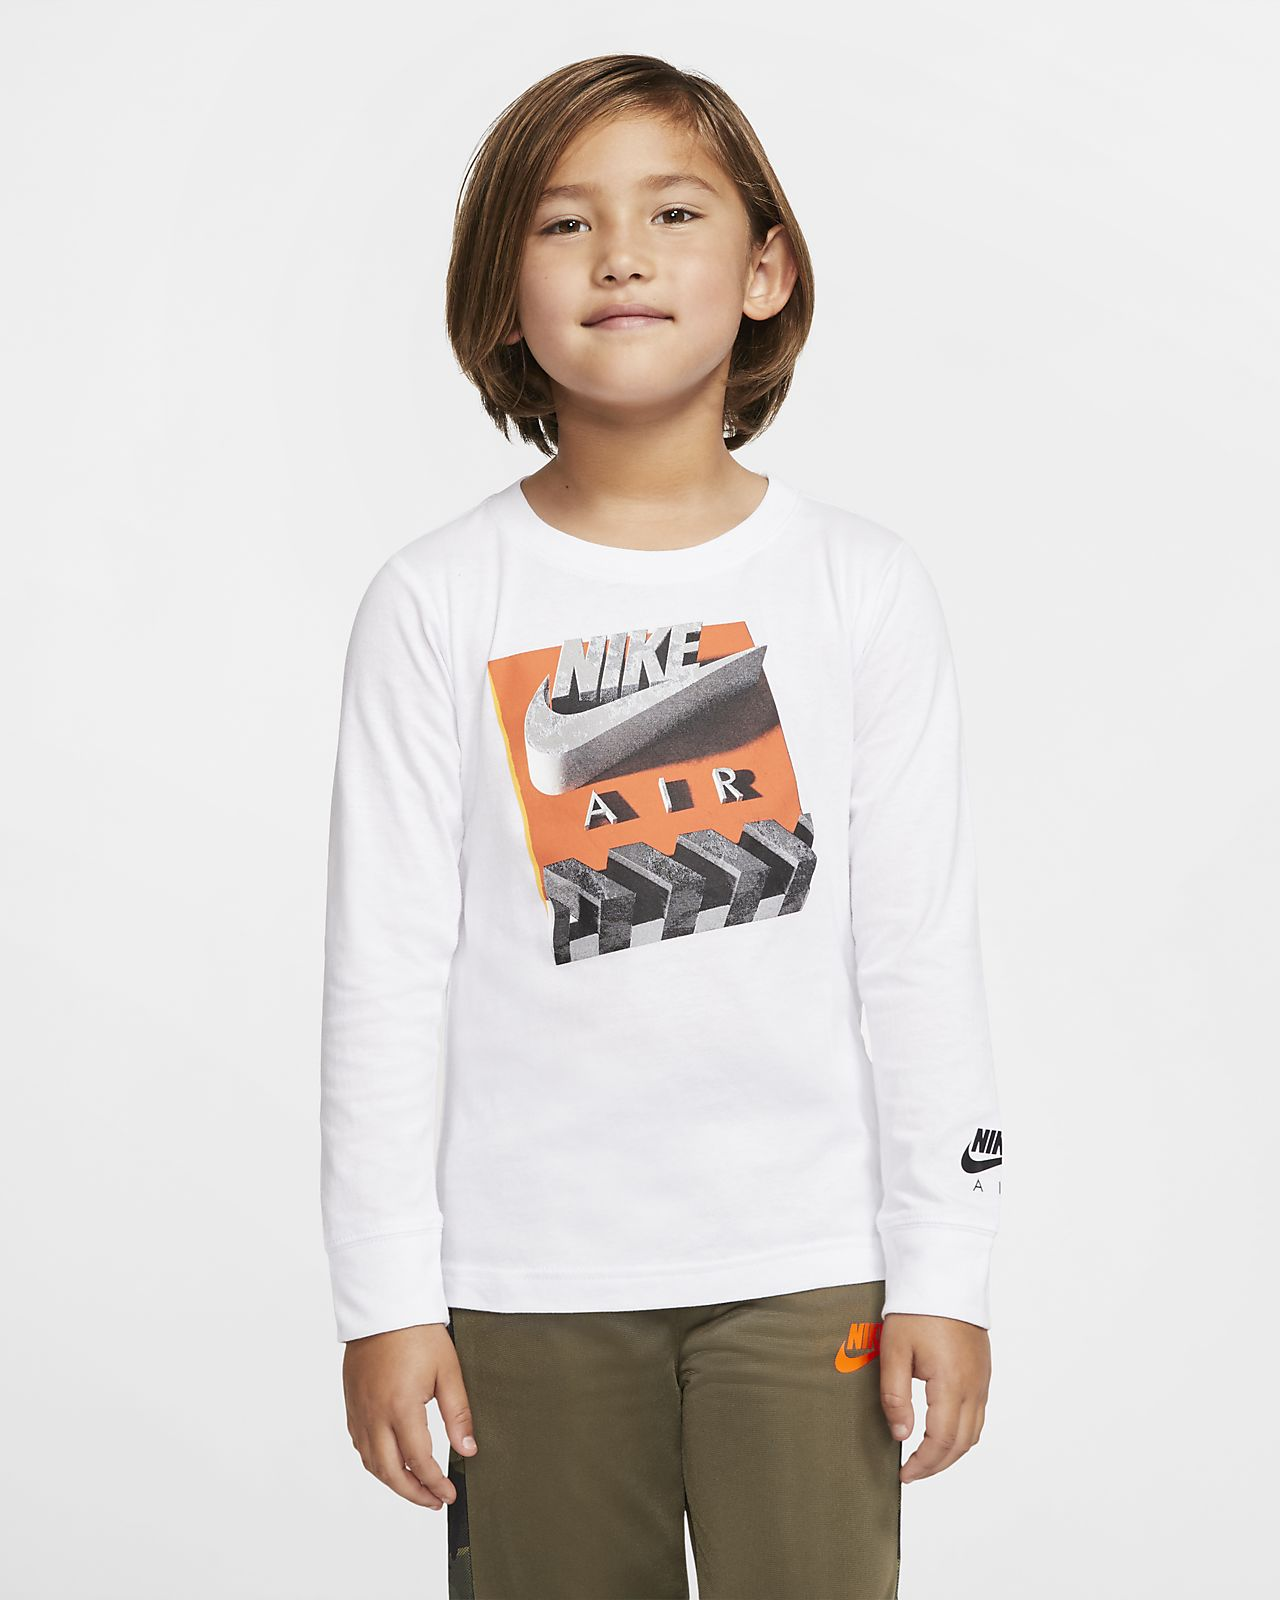 Nike Air Little Kids' Long-Sleeve T-Shirt